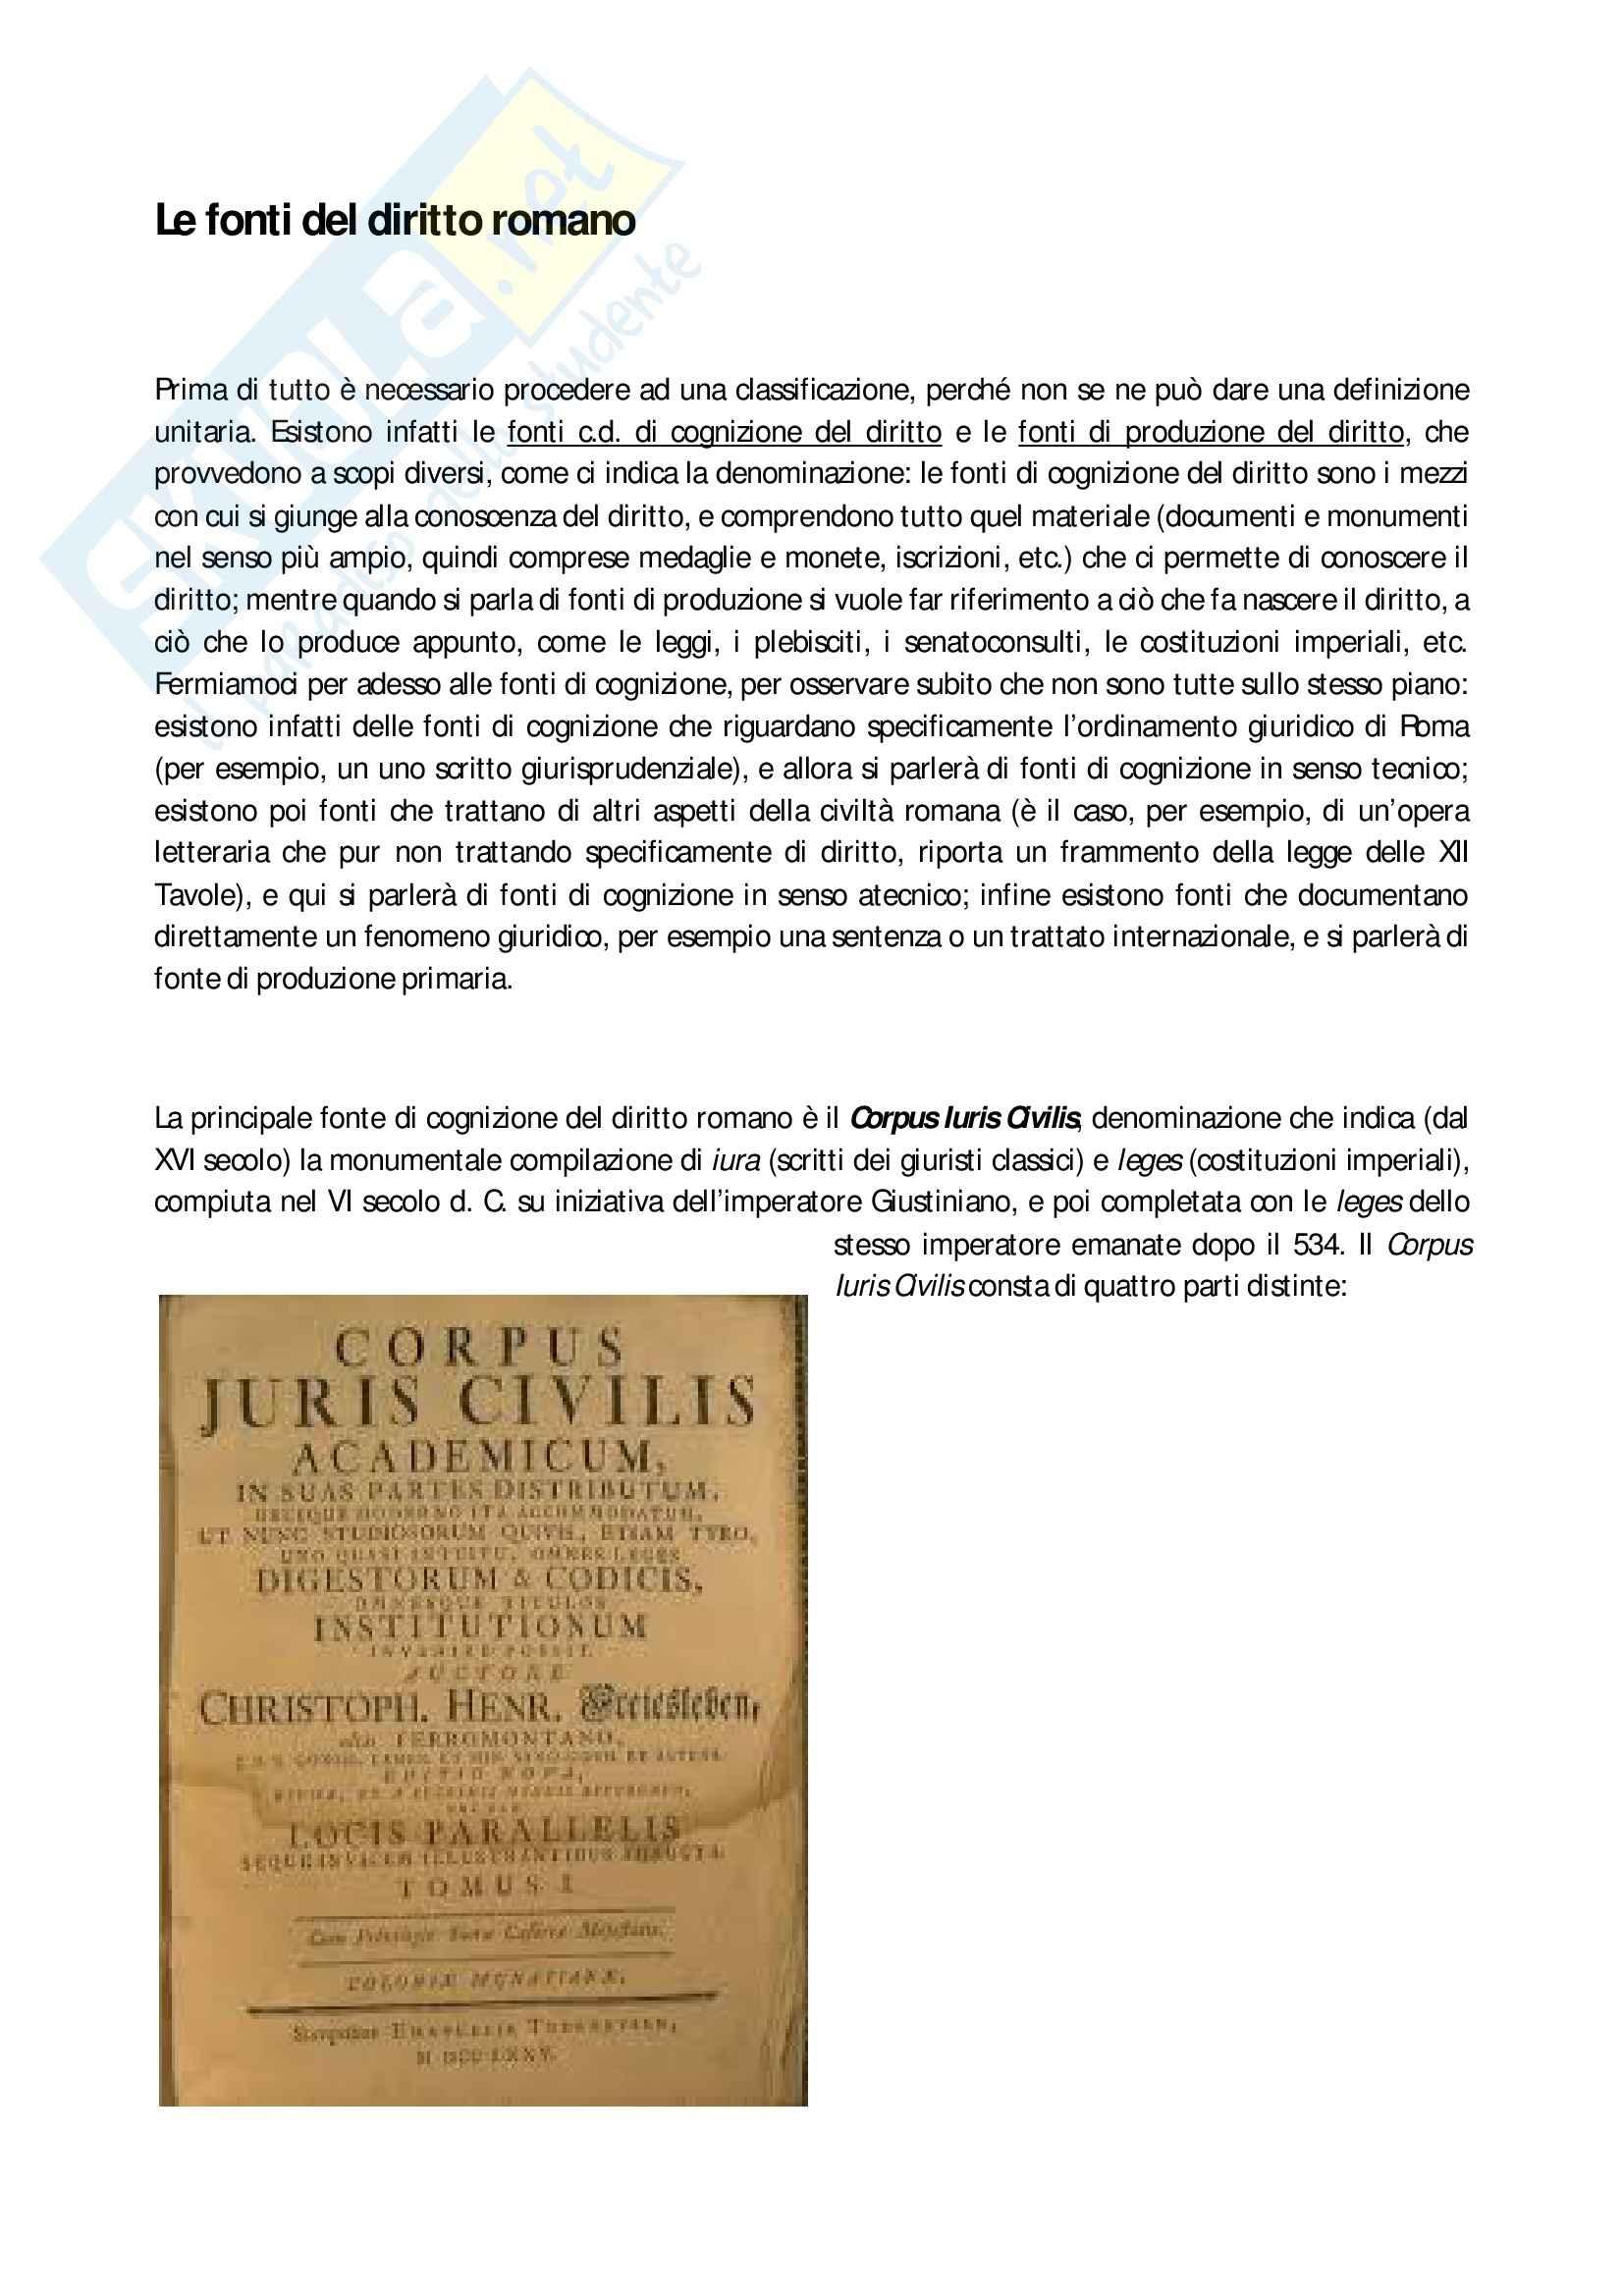 Fonti del diritto romano, Storia del diritto romano